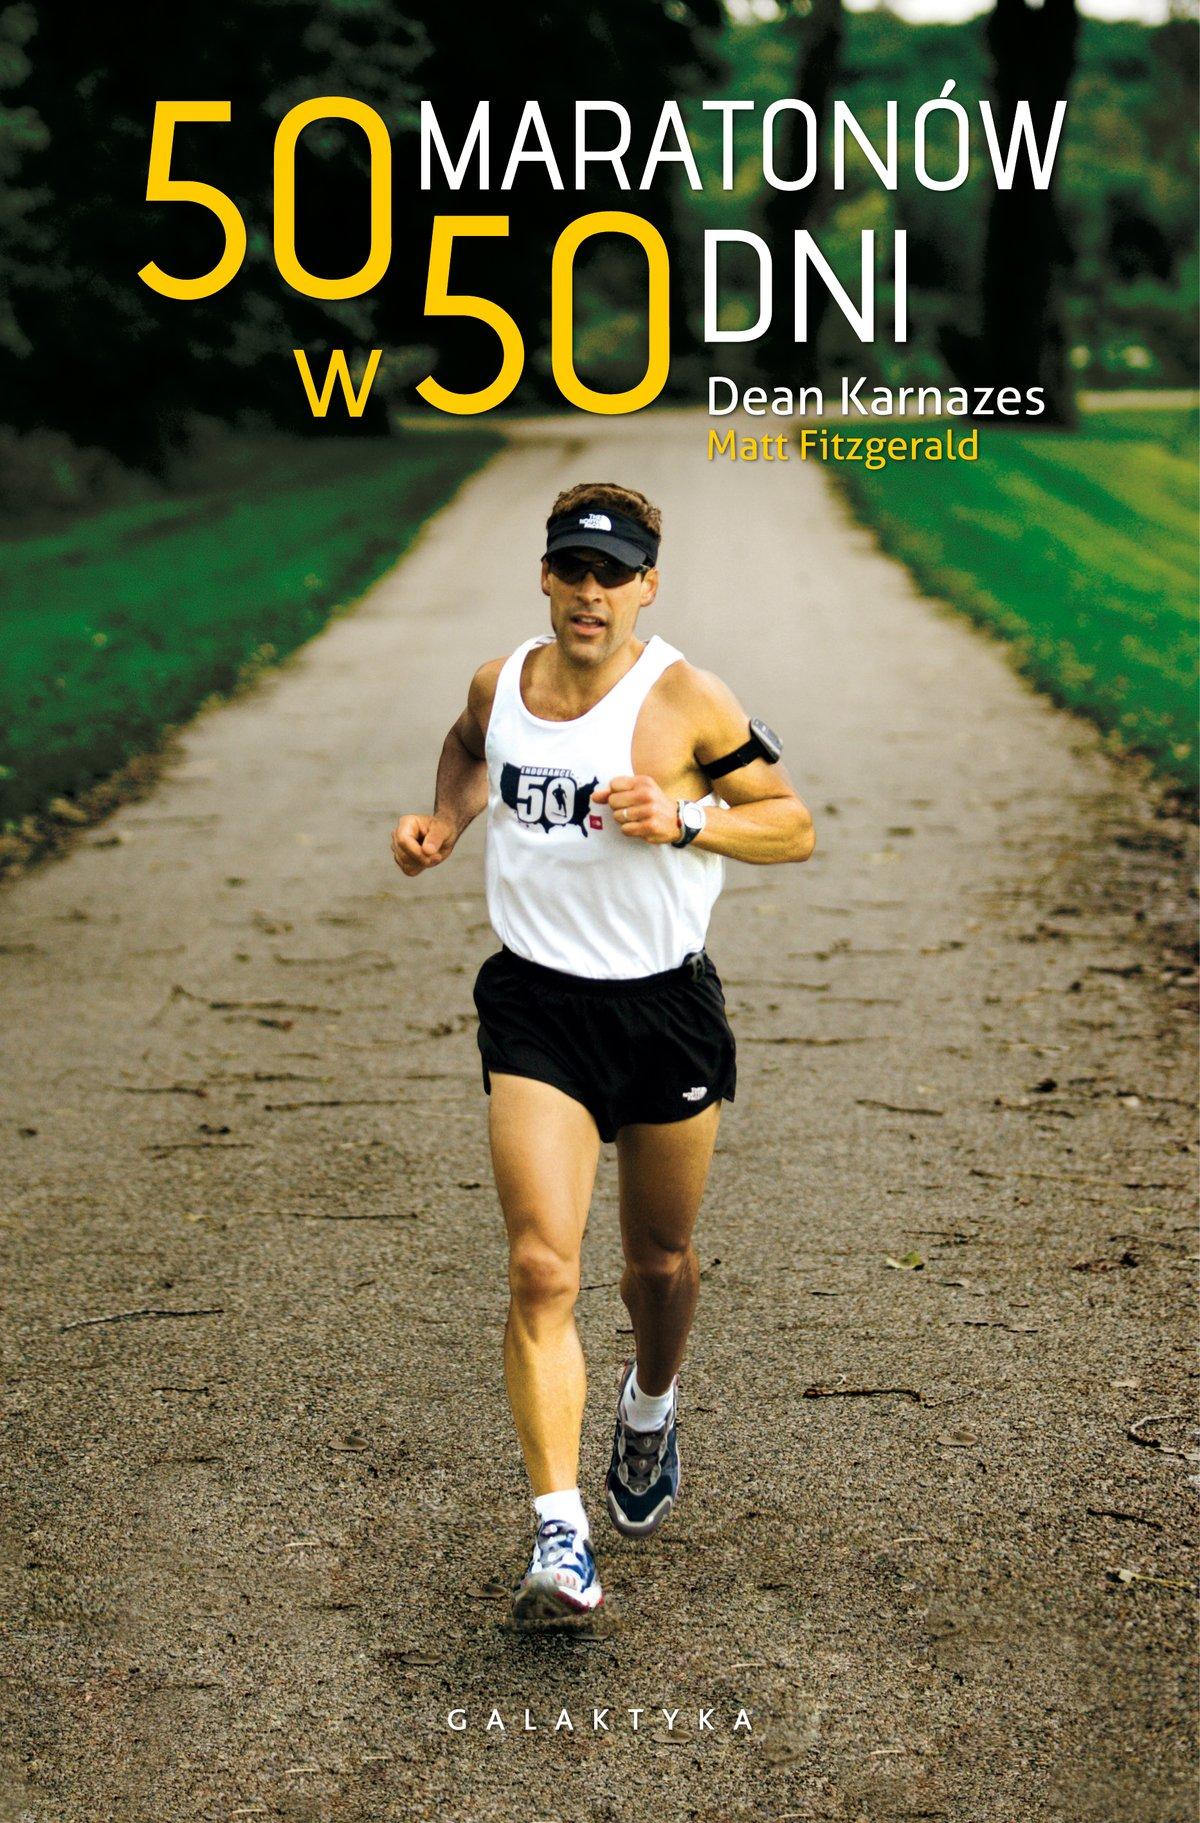 50 maratonów w 50 dni - Ebook (Książka na Kindle) do pobrania w formacie MOBI